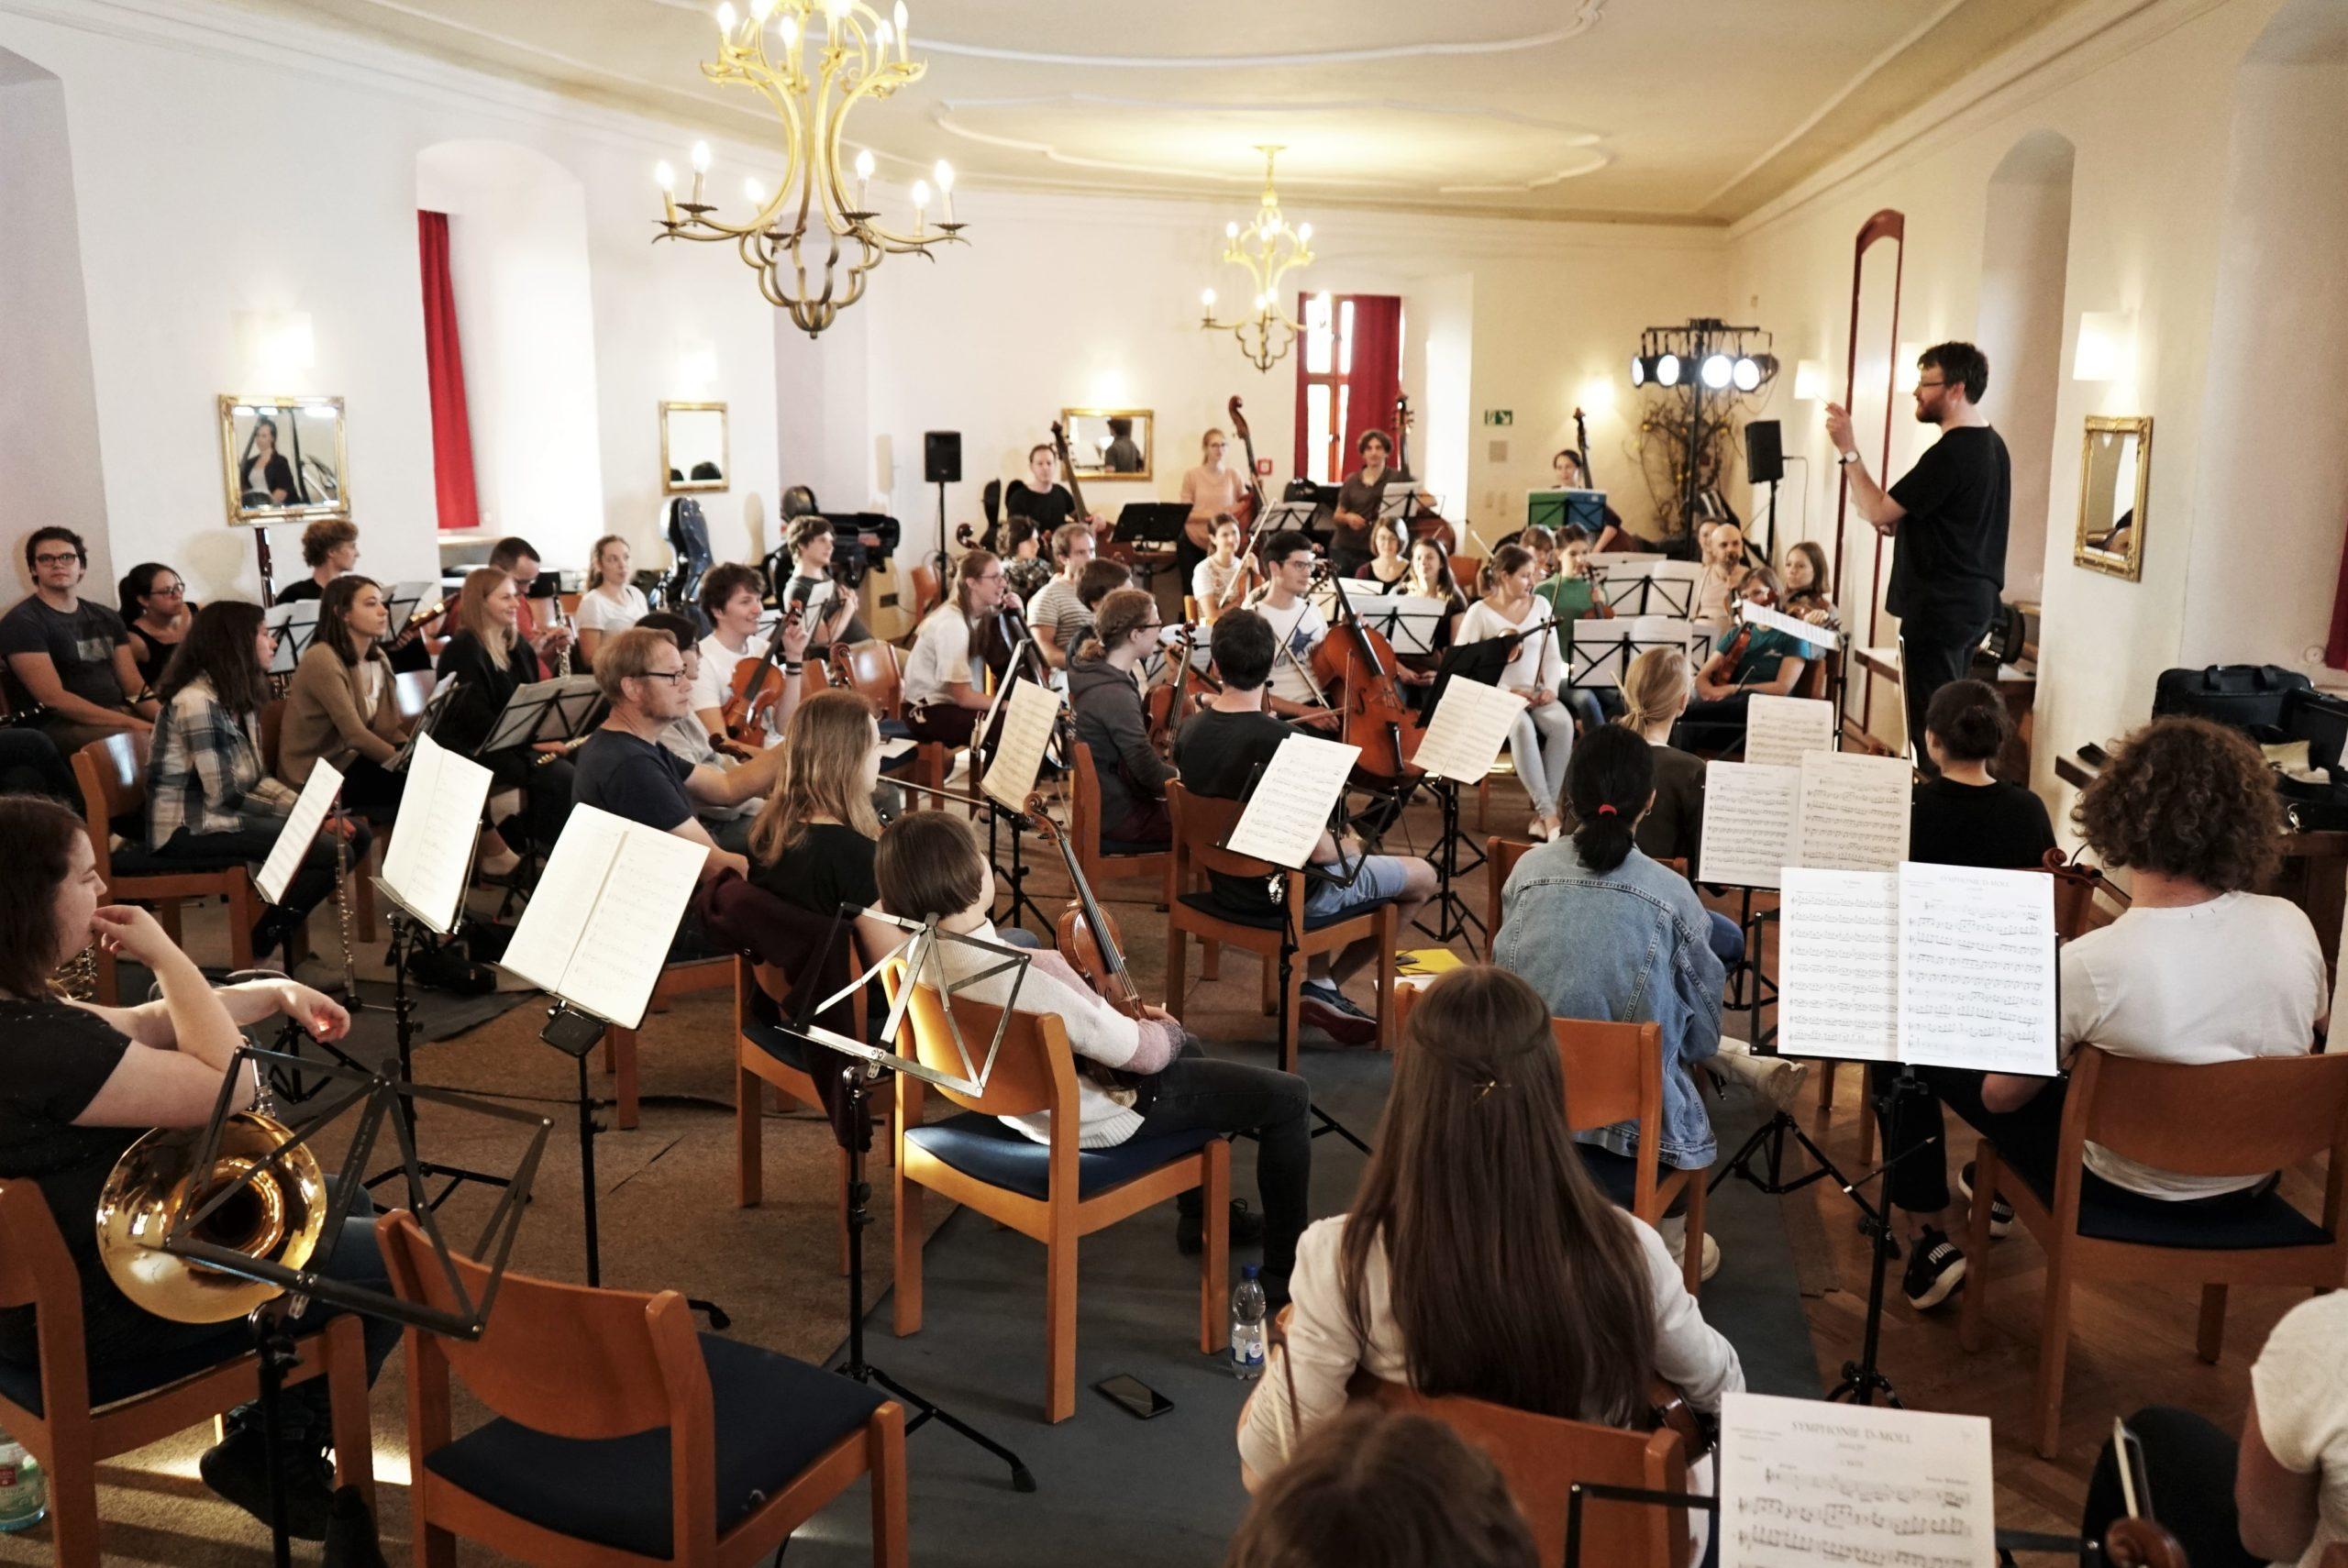 Sommersemester 2019 - Impressionen vom Probenwochenende auf Burg Hoheneck